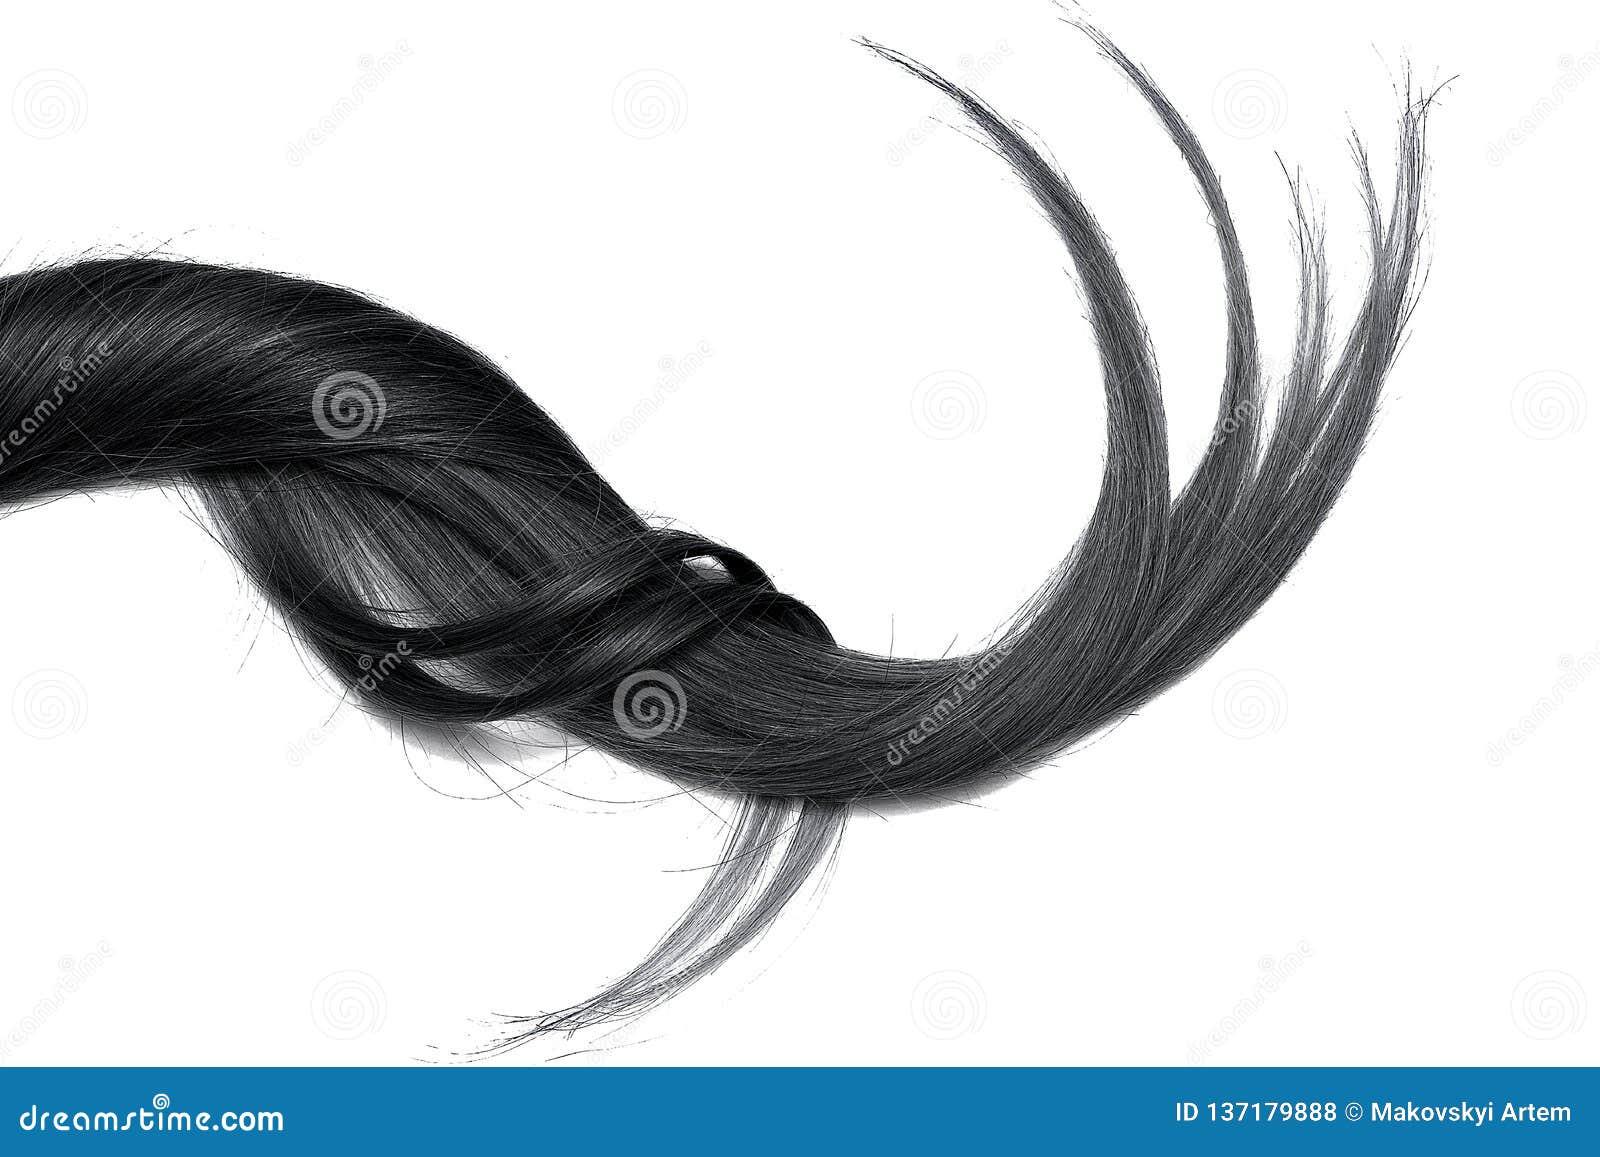 Cabelo natural preto, isolado em um fundo branco